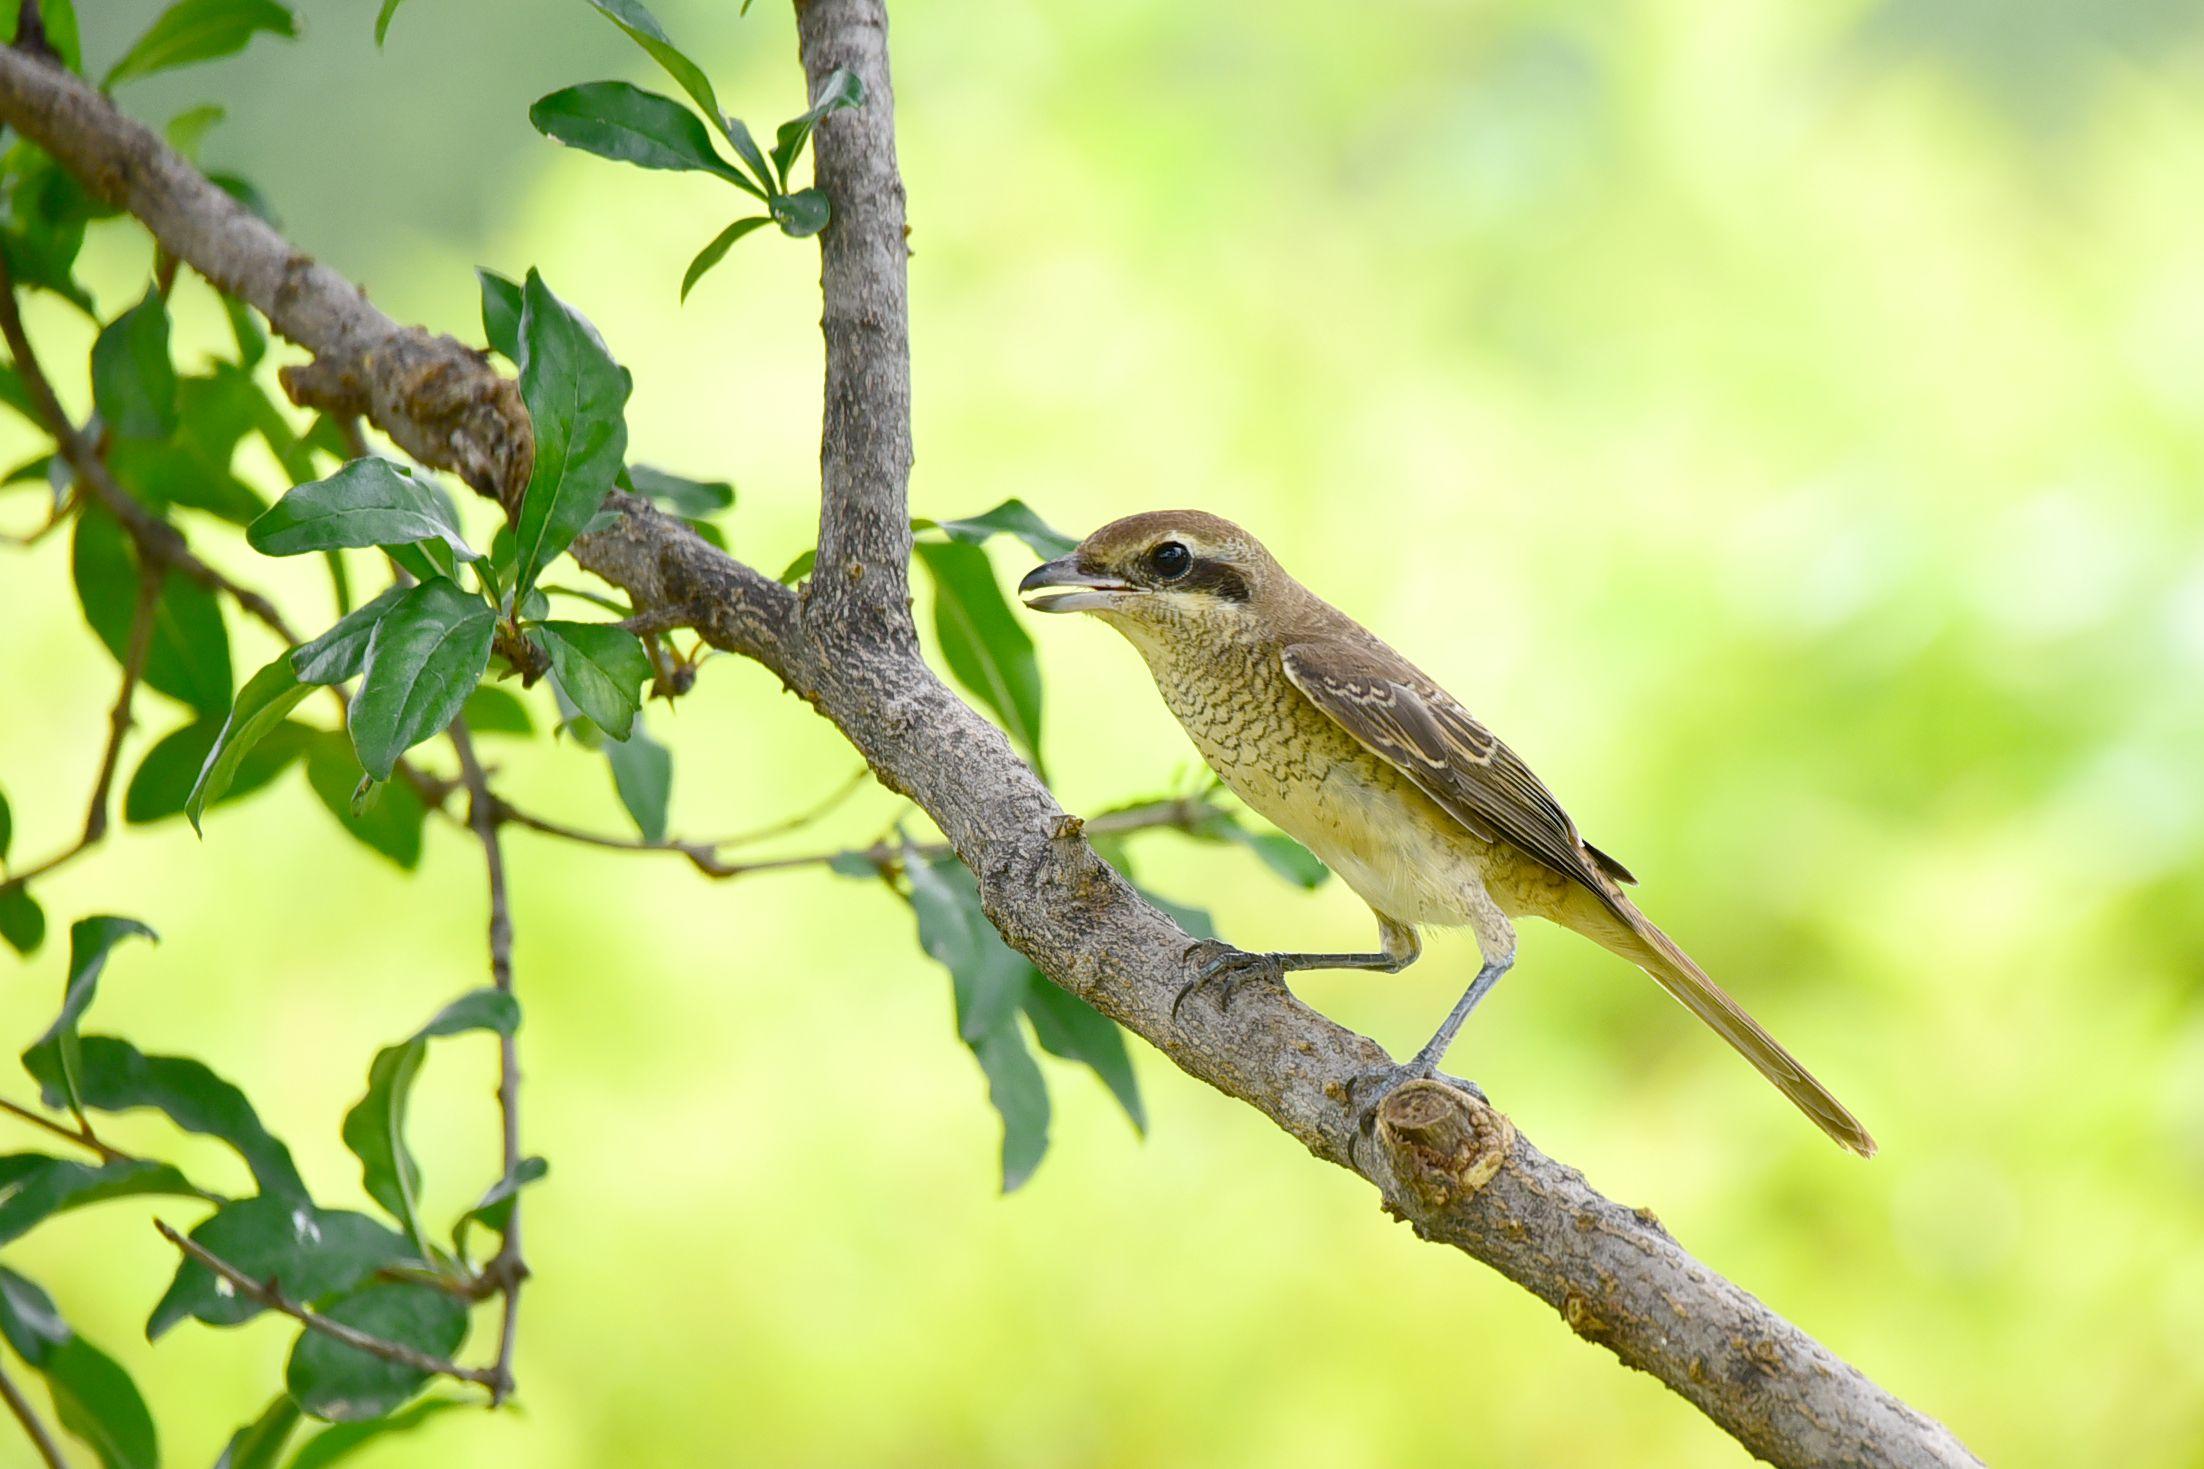 石榴树上的红尾伯劳(八) - 鸟类动物 - 齐鲁社区 齐鲁